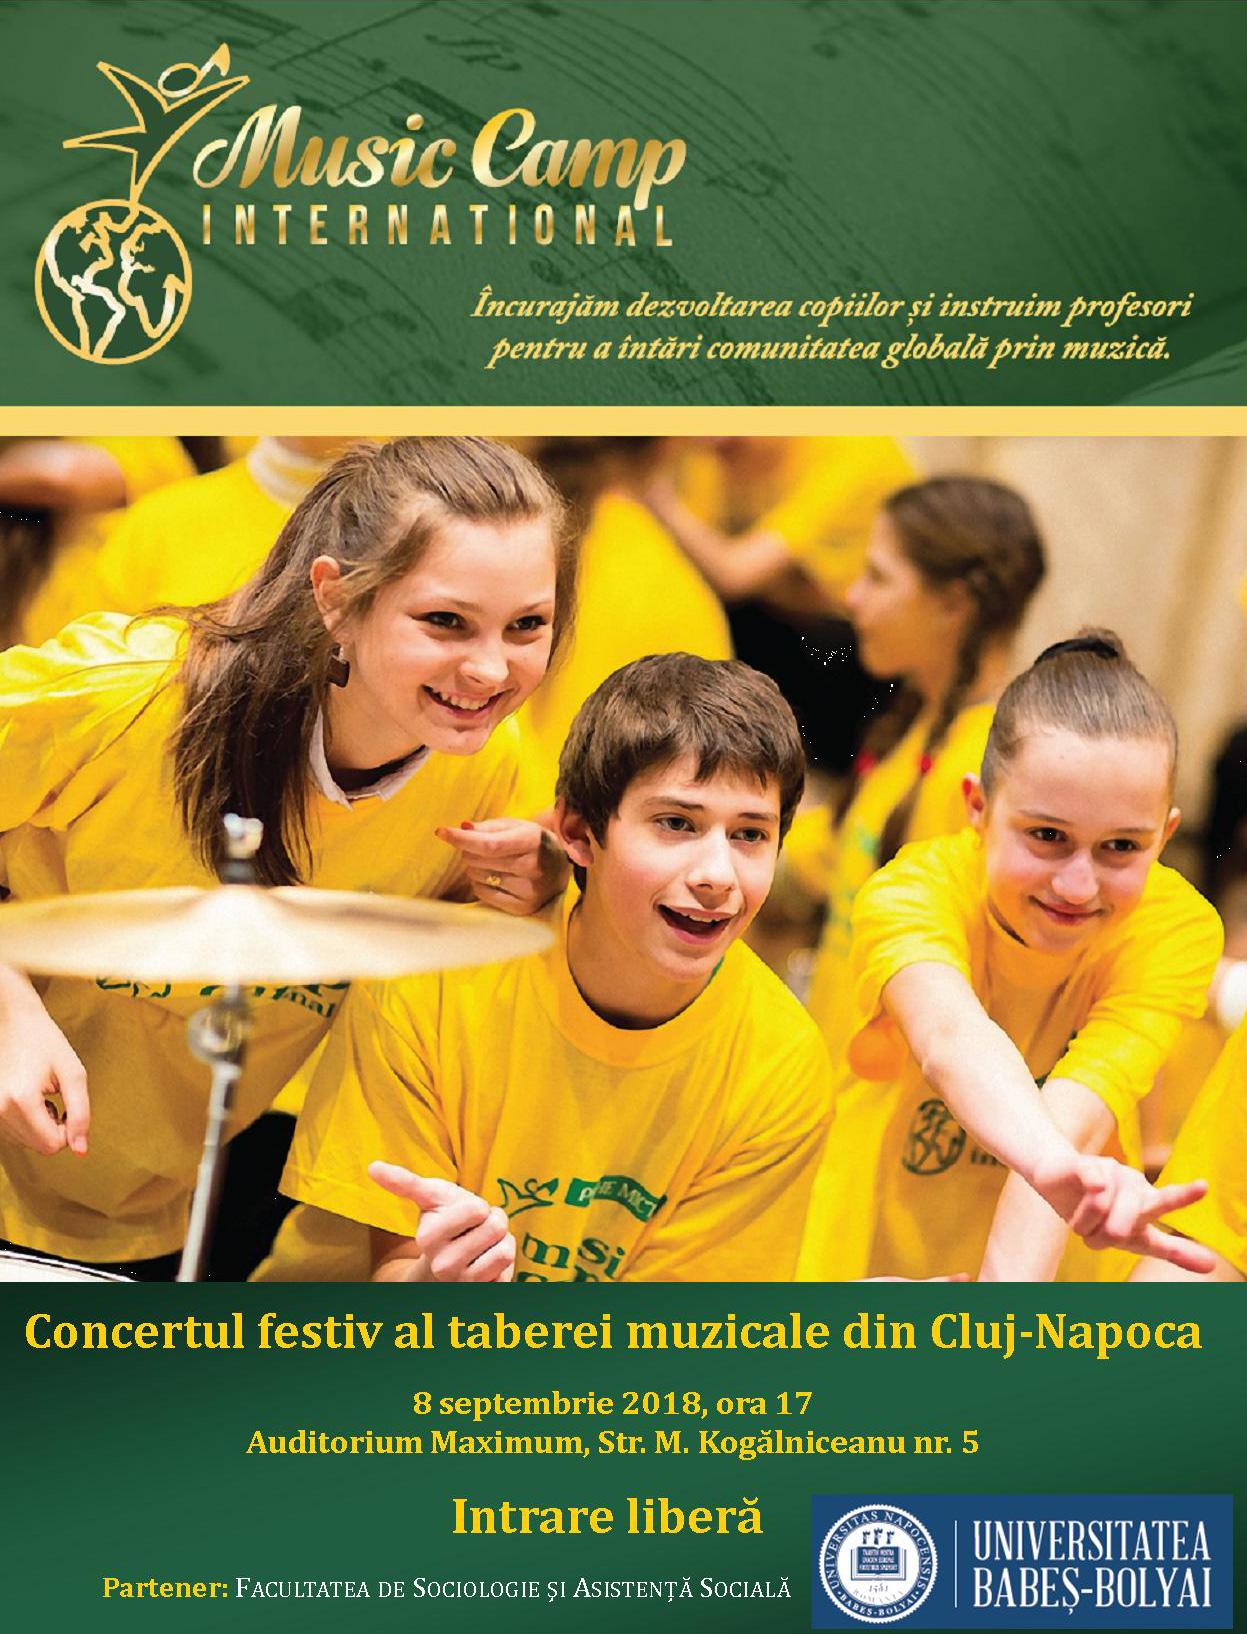 Concertul festiv al școlii de vară de educație muzicală integrativă din Cluj-Napoca, organizat la UBB